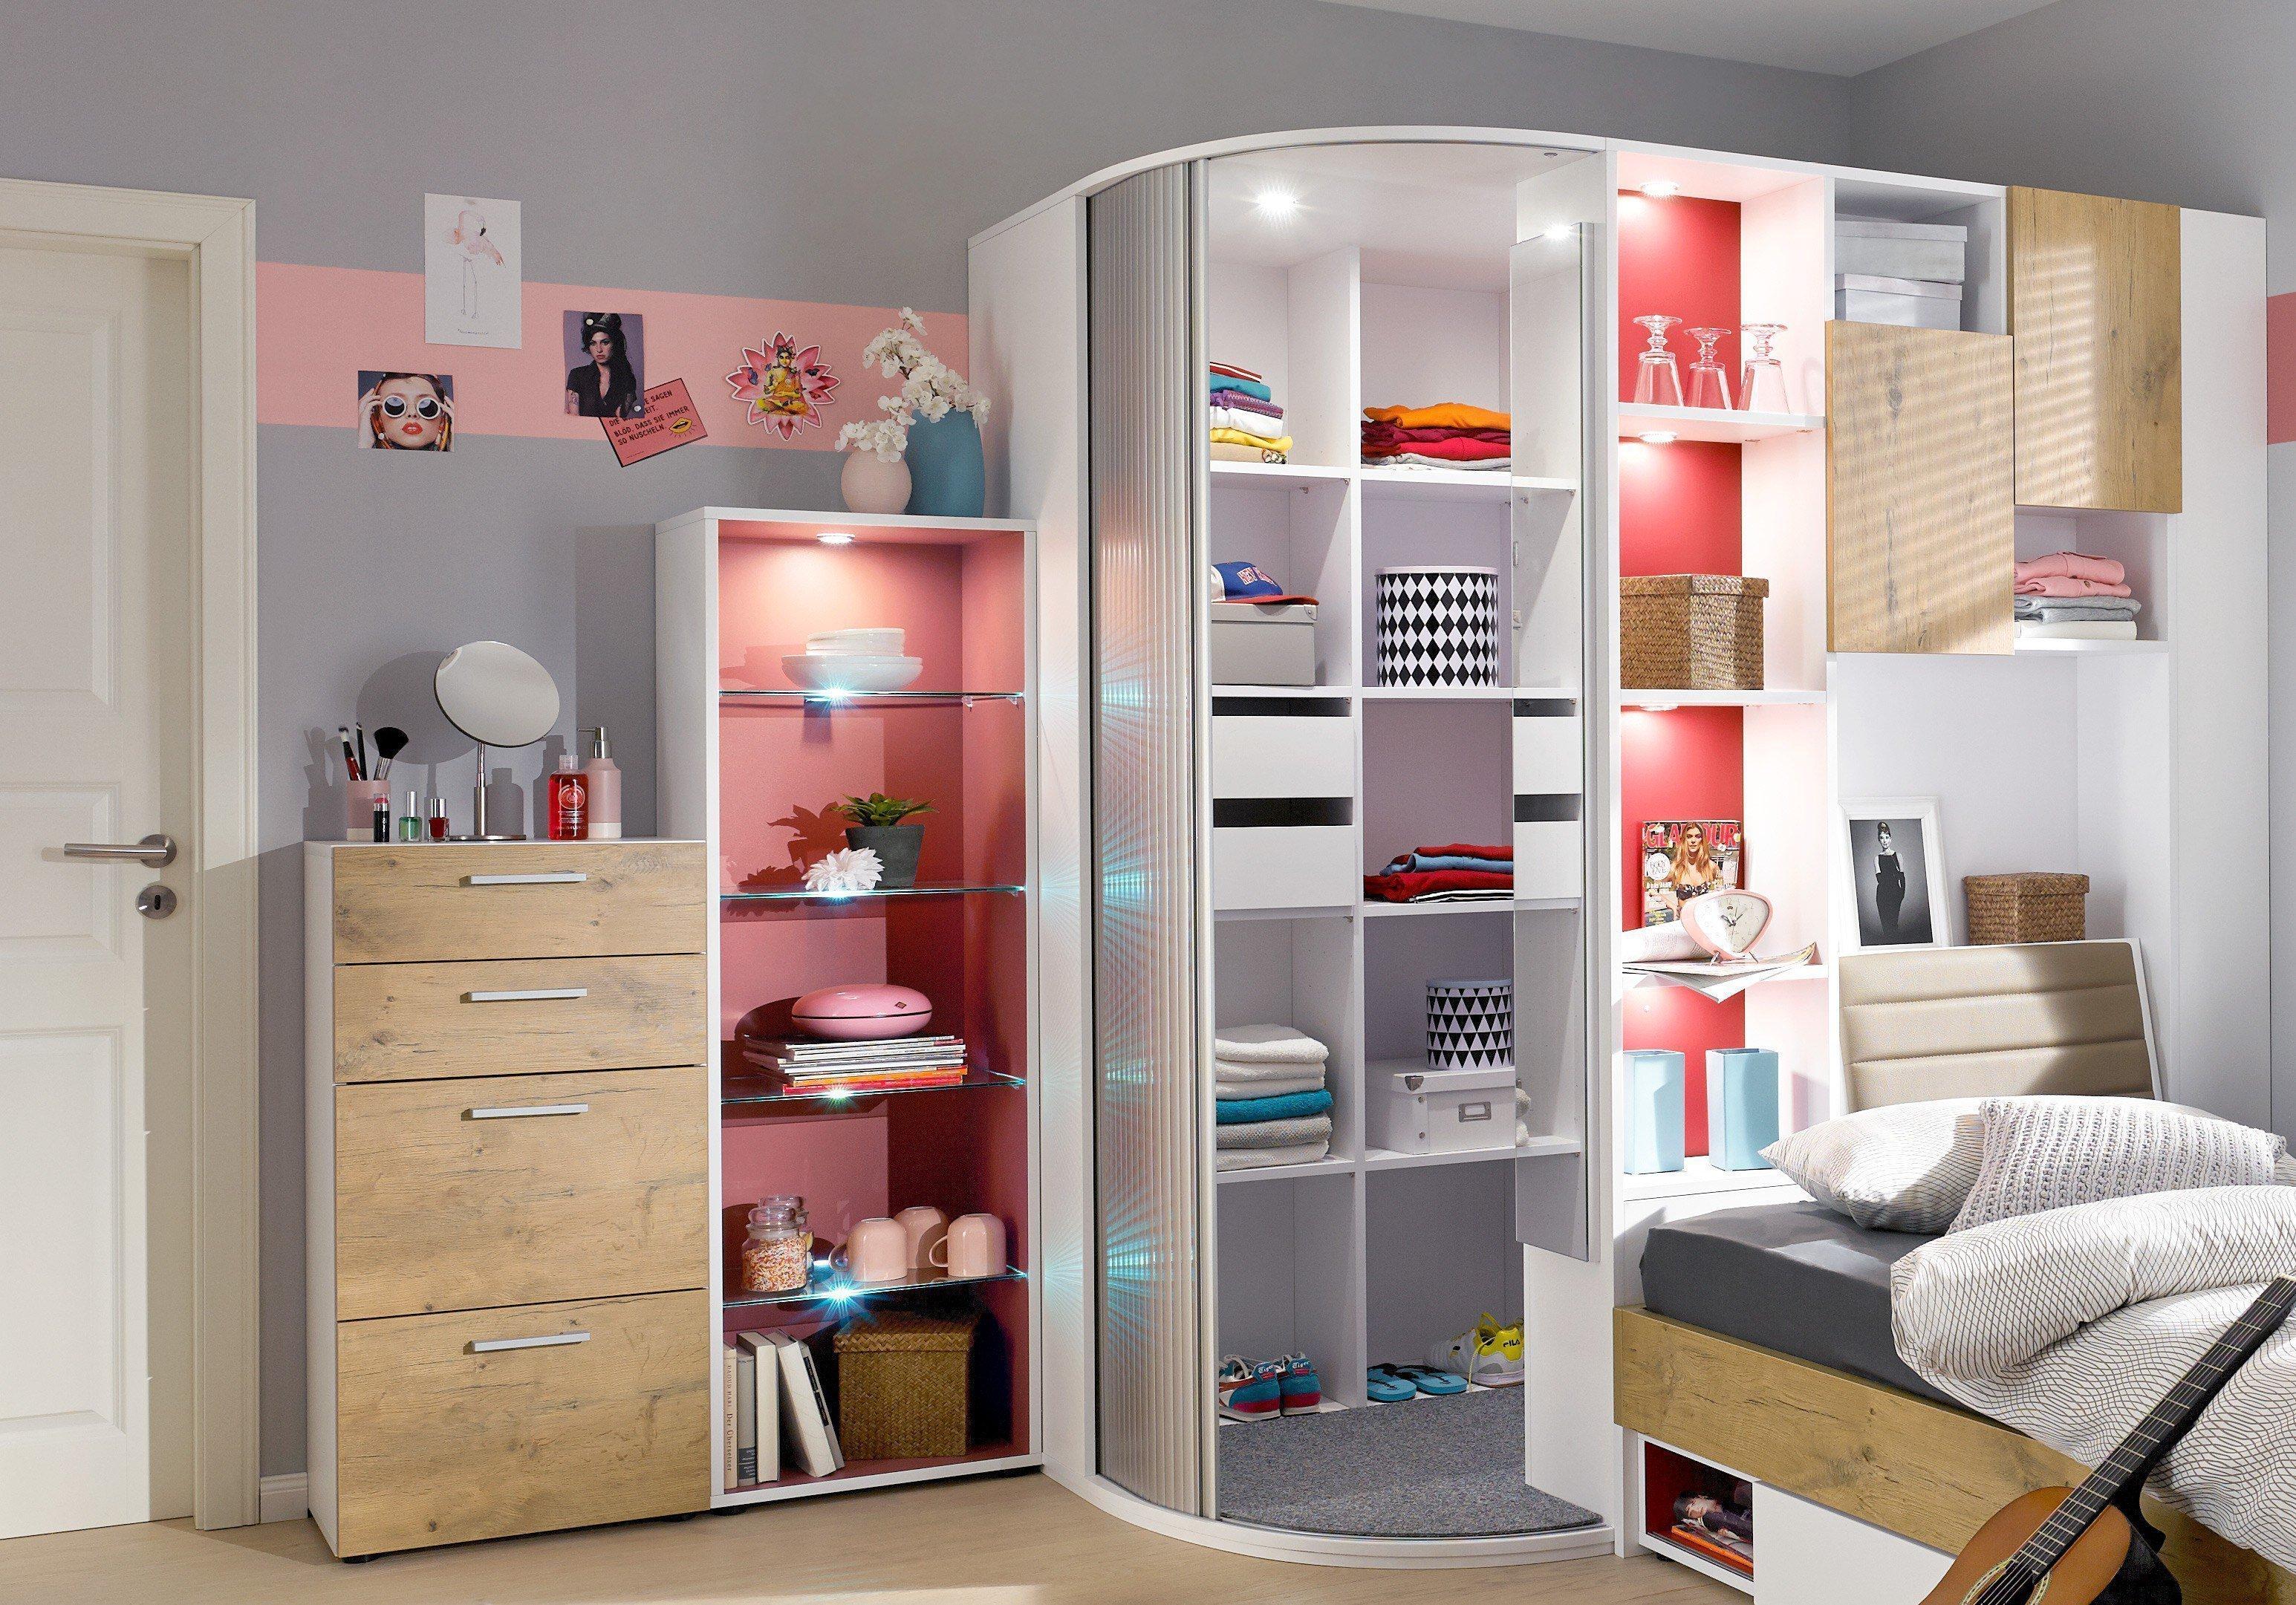 Faszinierend Begehbarer Eckkleiderschrank Ideen Von Jugendzimmer Kinderzimmer